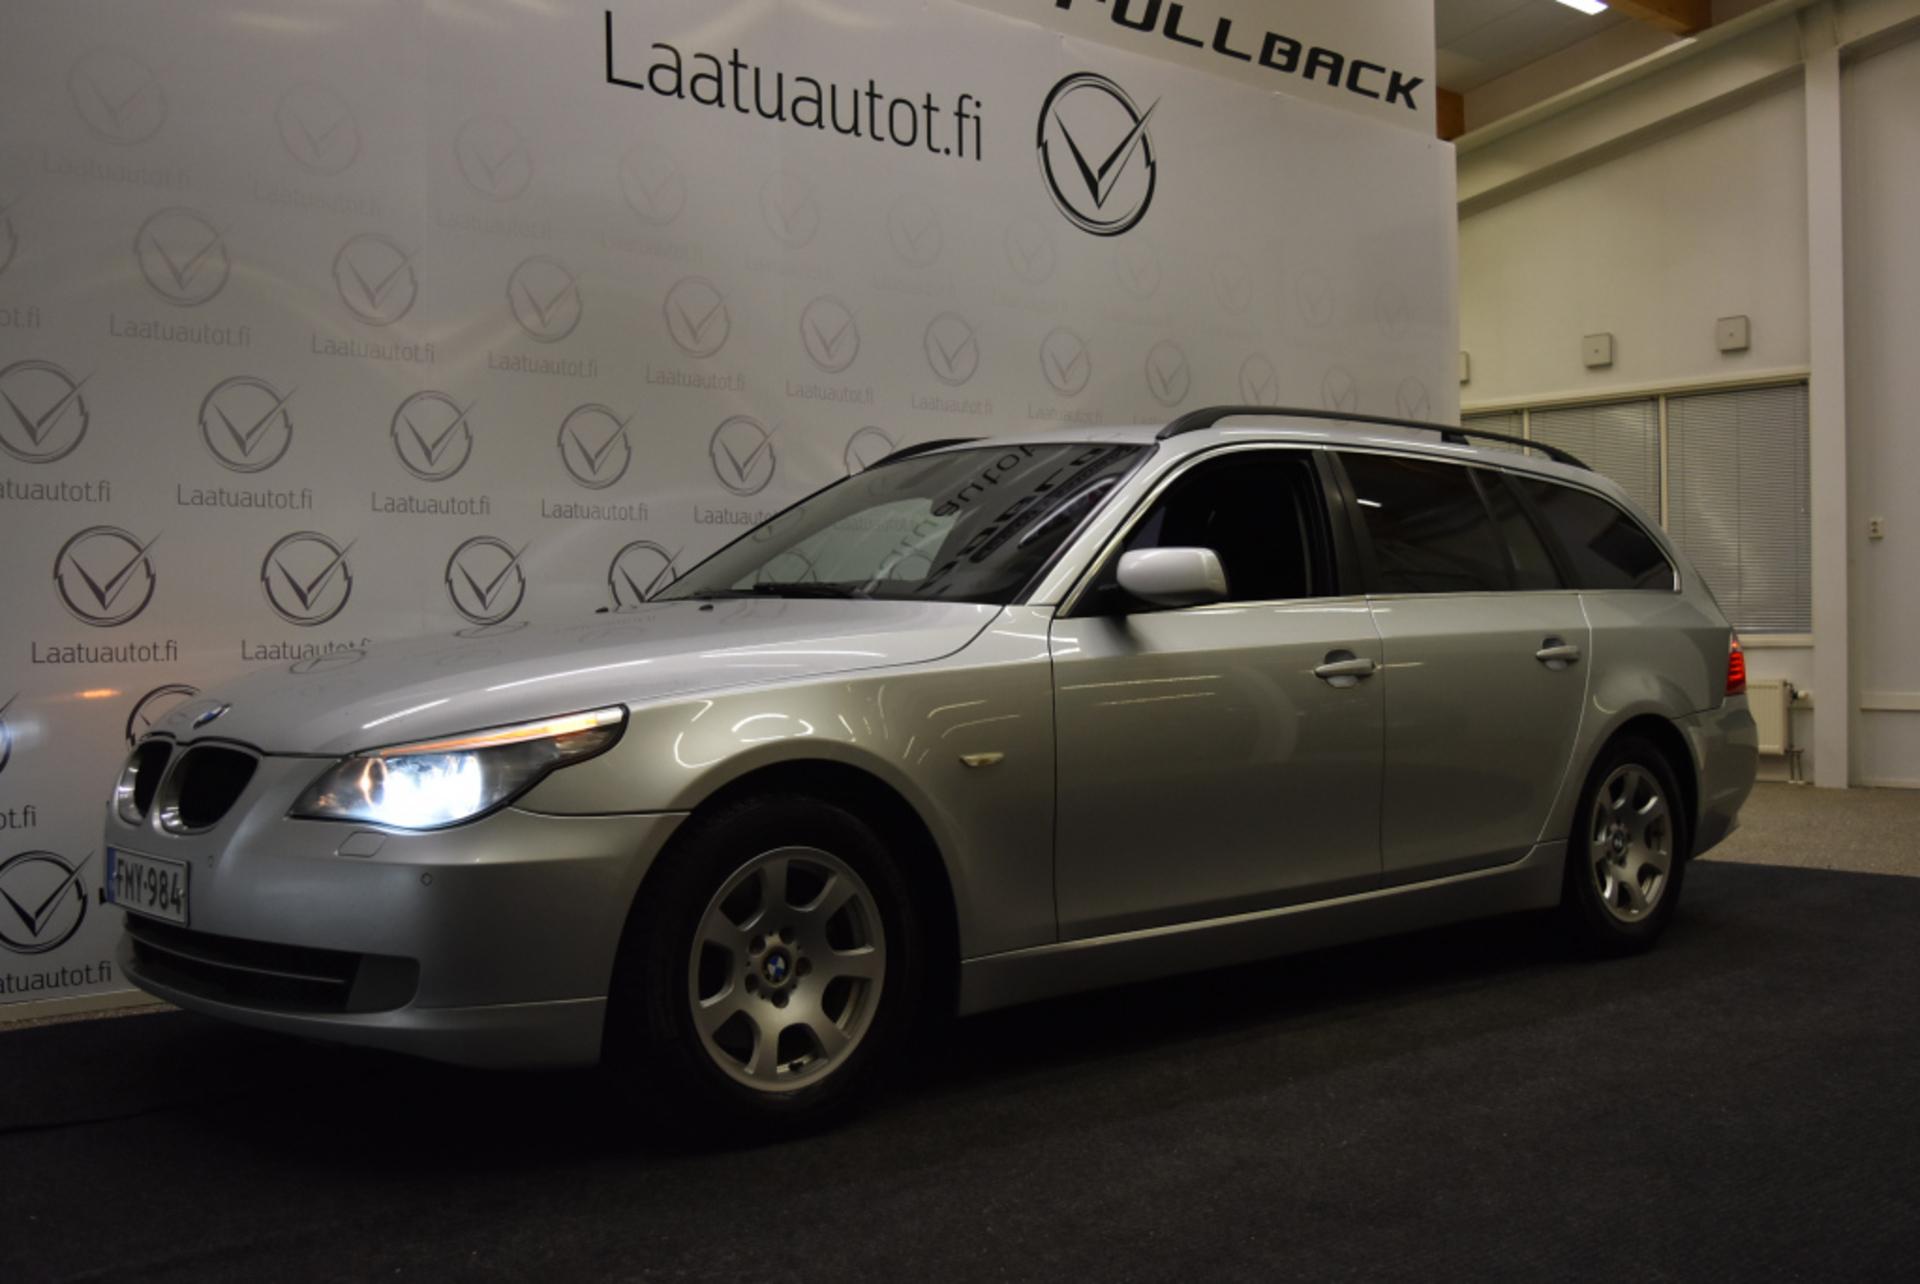 BMW 520 E61 Touring Business Aut - Suomi-auto,  Korkotarjous 1.99%! Auto Ac,  Vakionopeudensäädin,  Koukku!